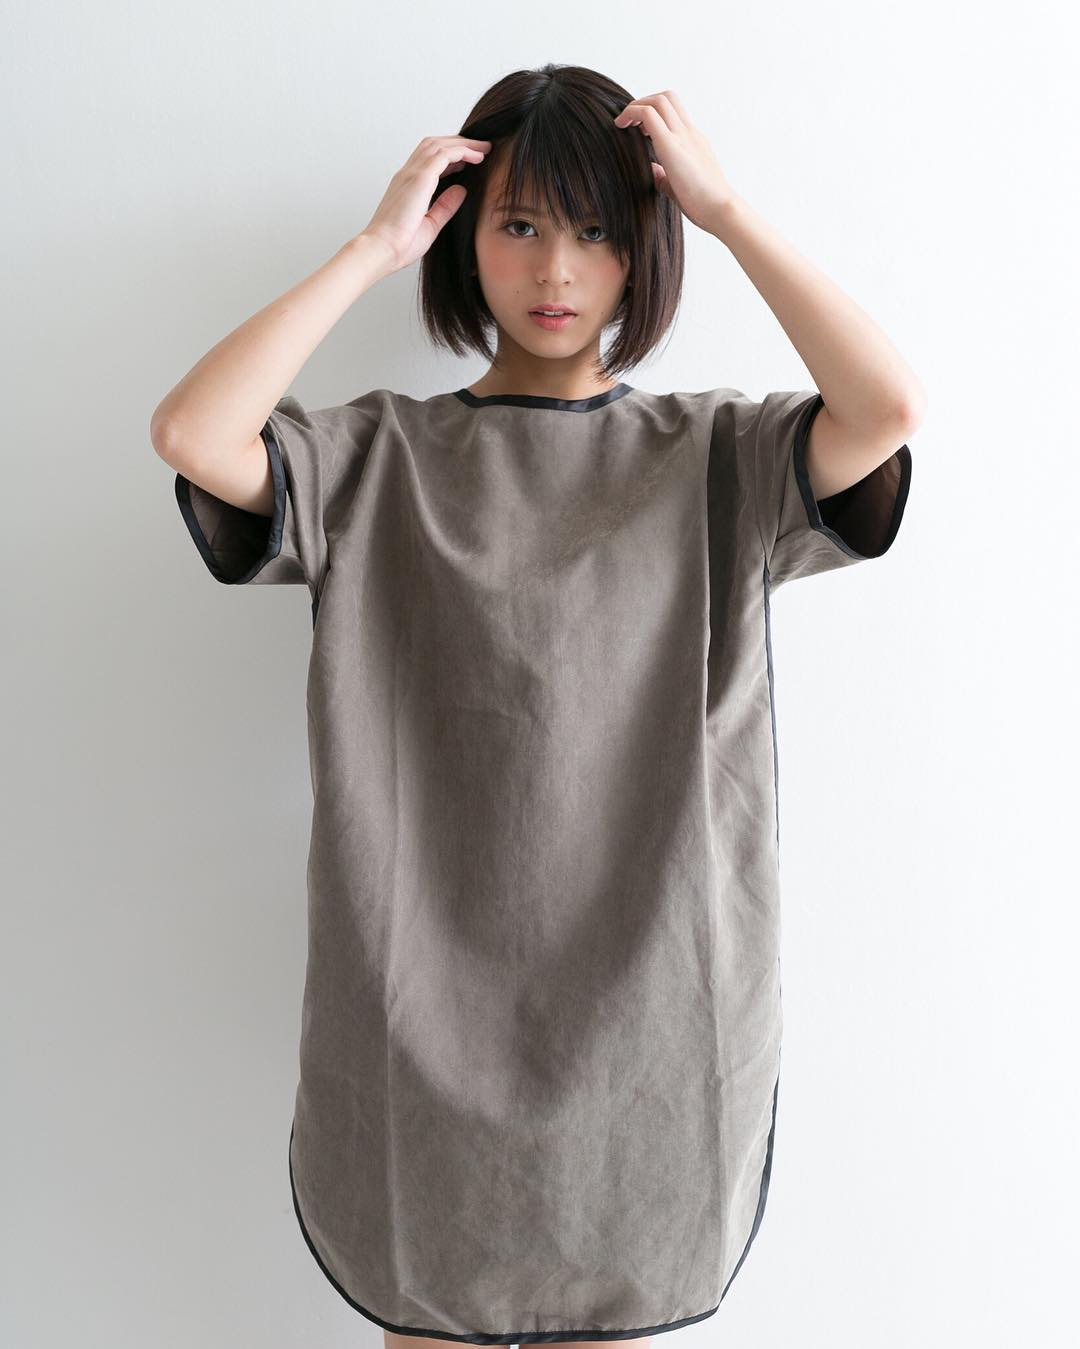 ラストアイドル吉崎綾(21)の全裸ヌードグラビア画像185枚・137枚目の画像